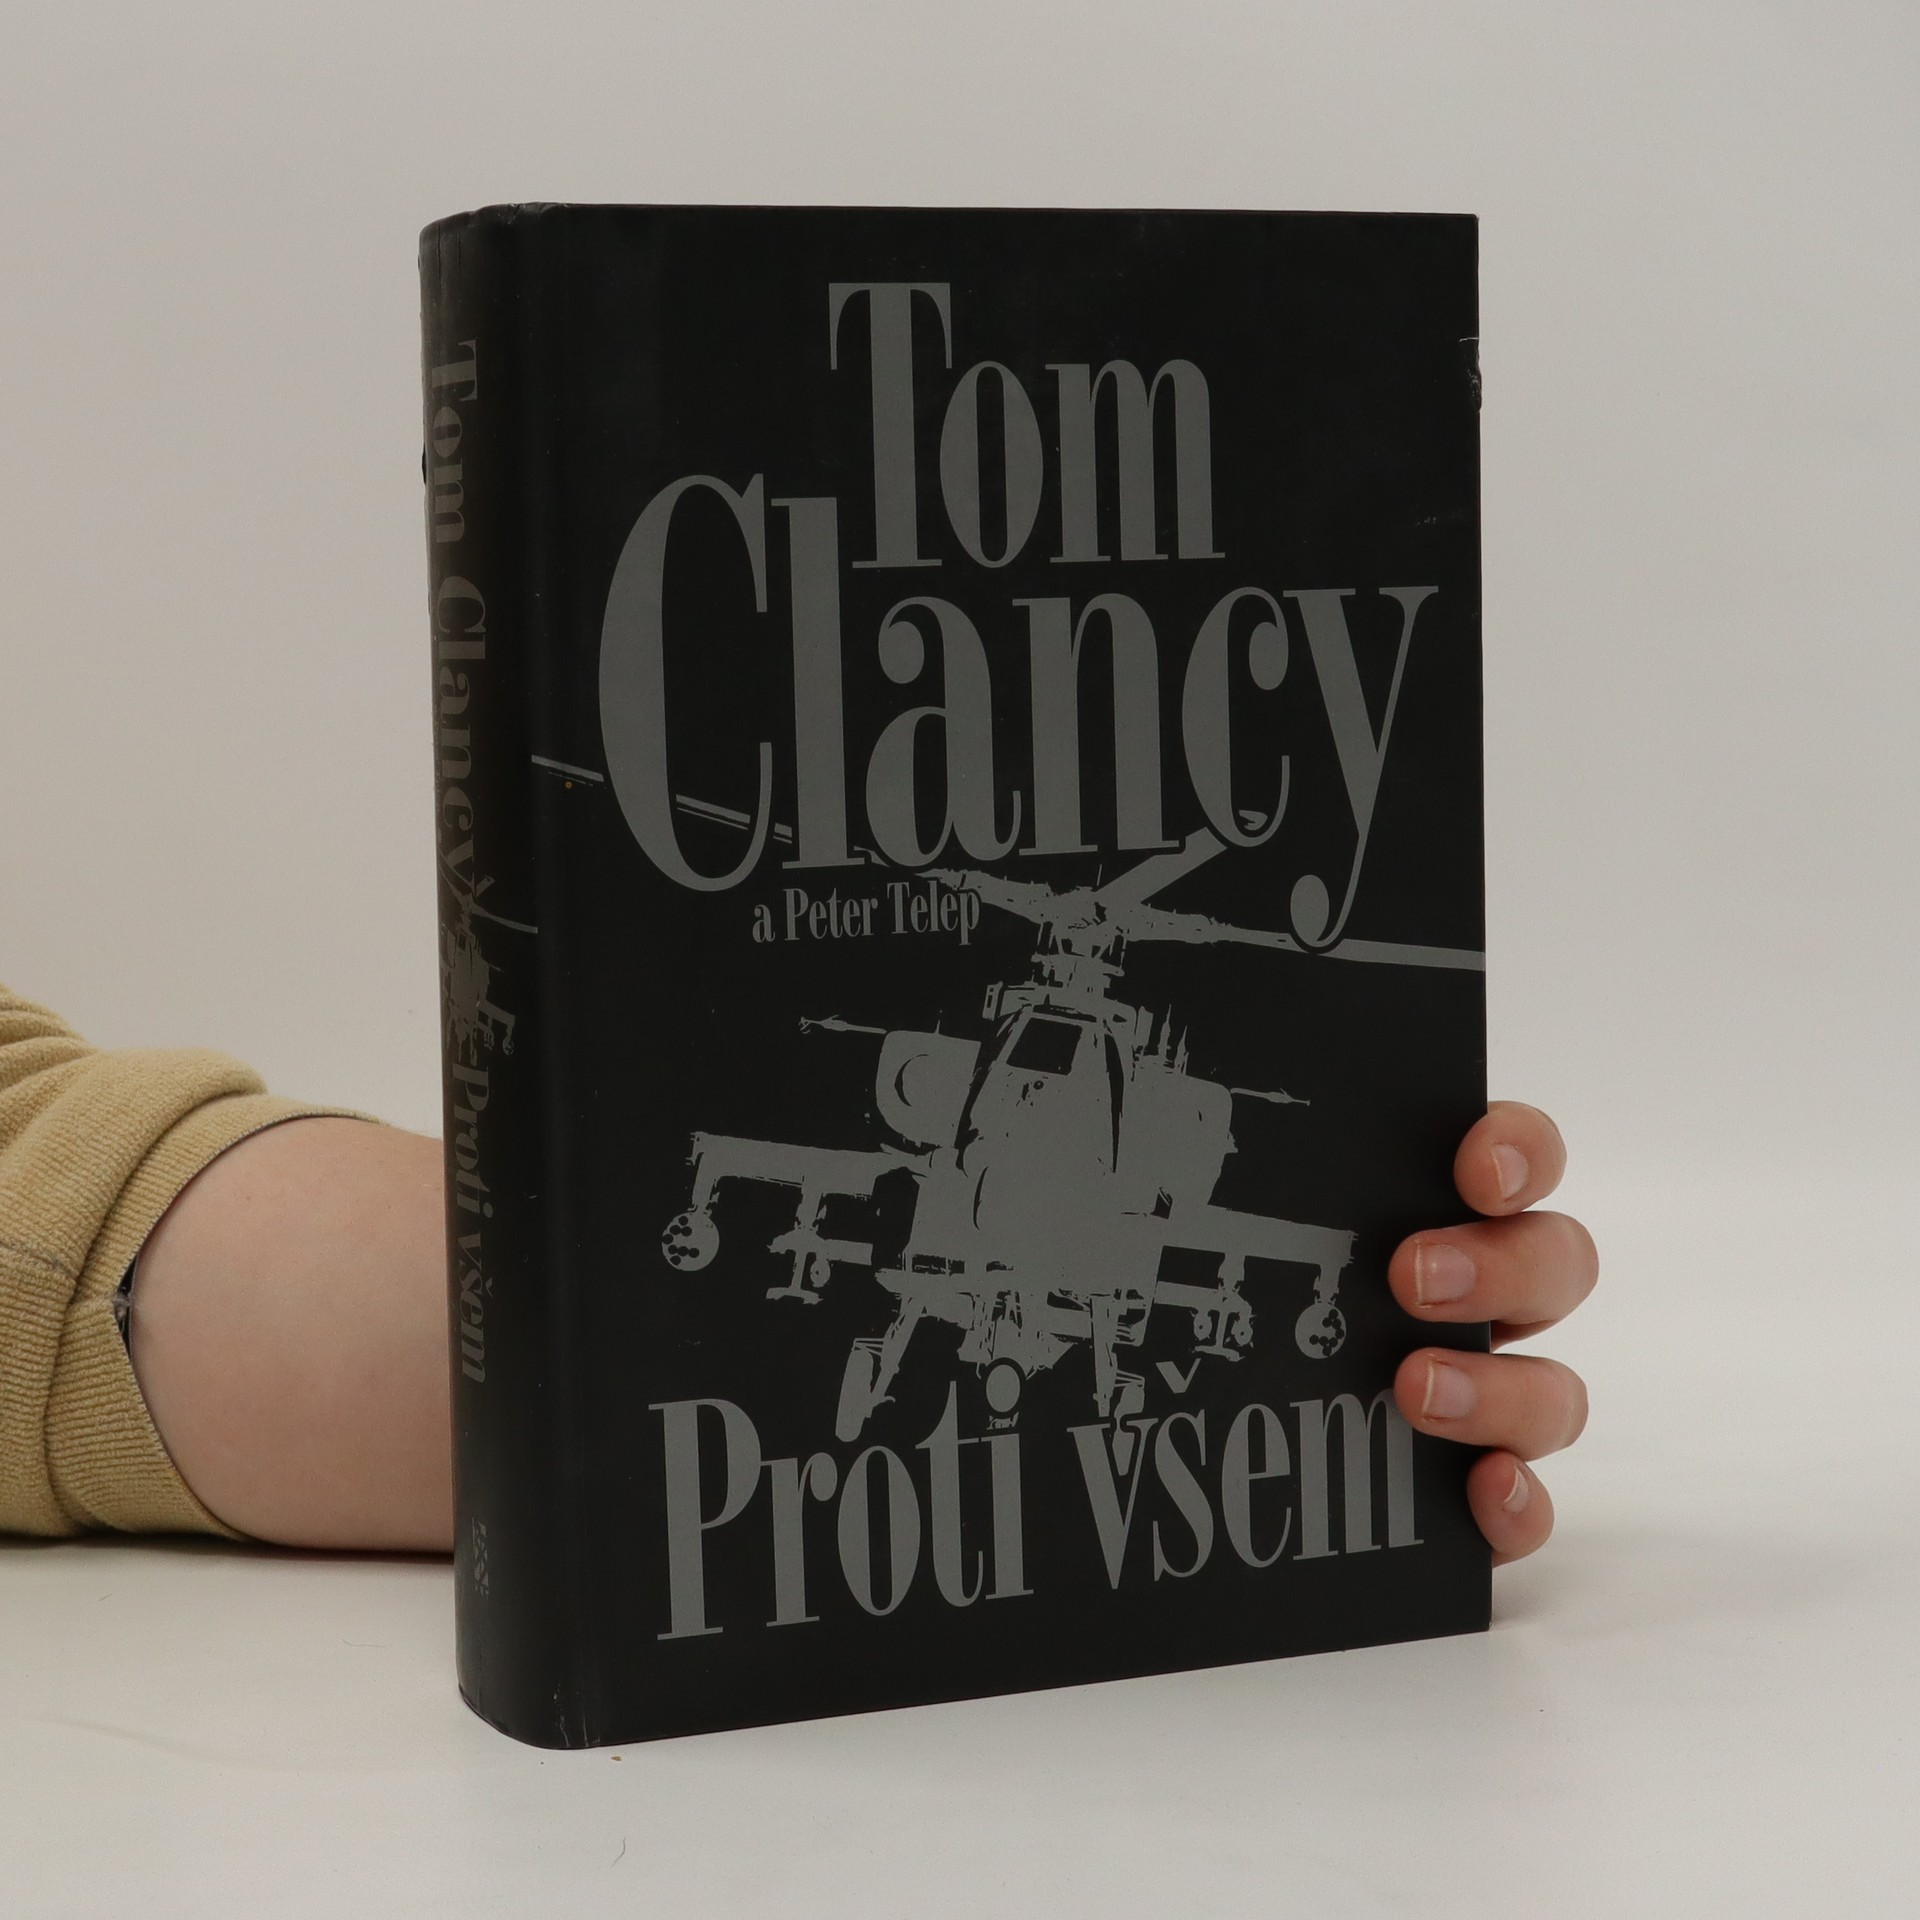 antikvární kniha Proti všem, 2012